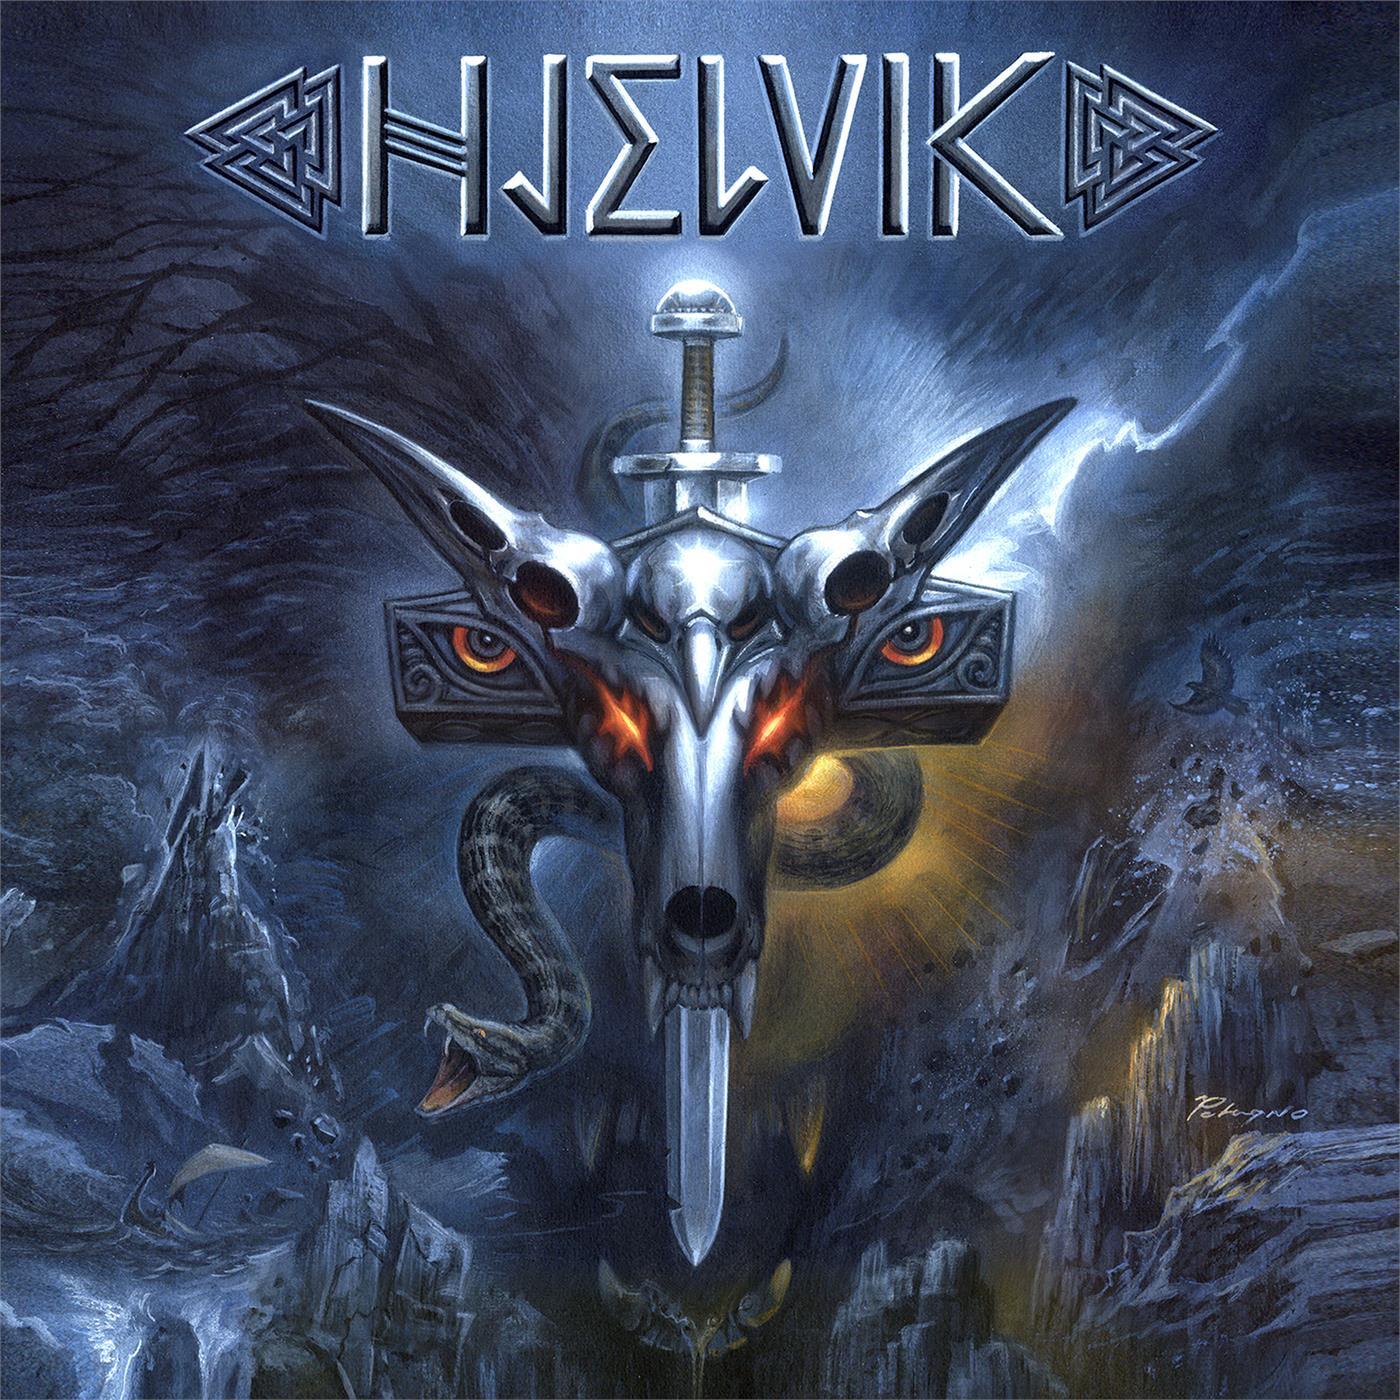 HJELVIK - Welcome to Hel [LP]